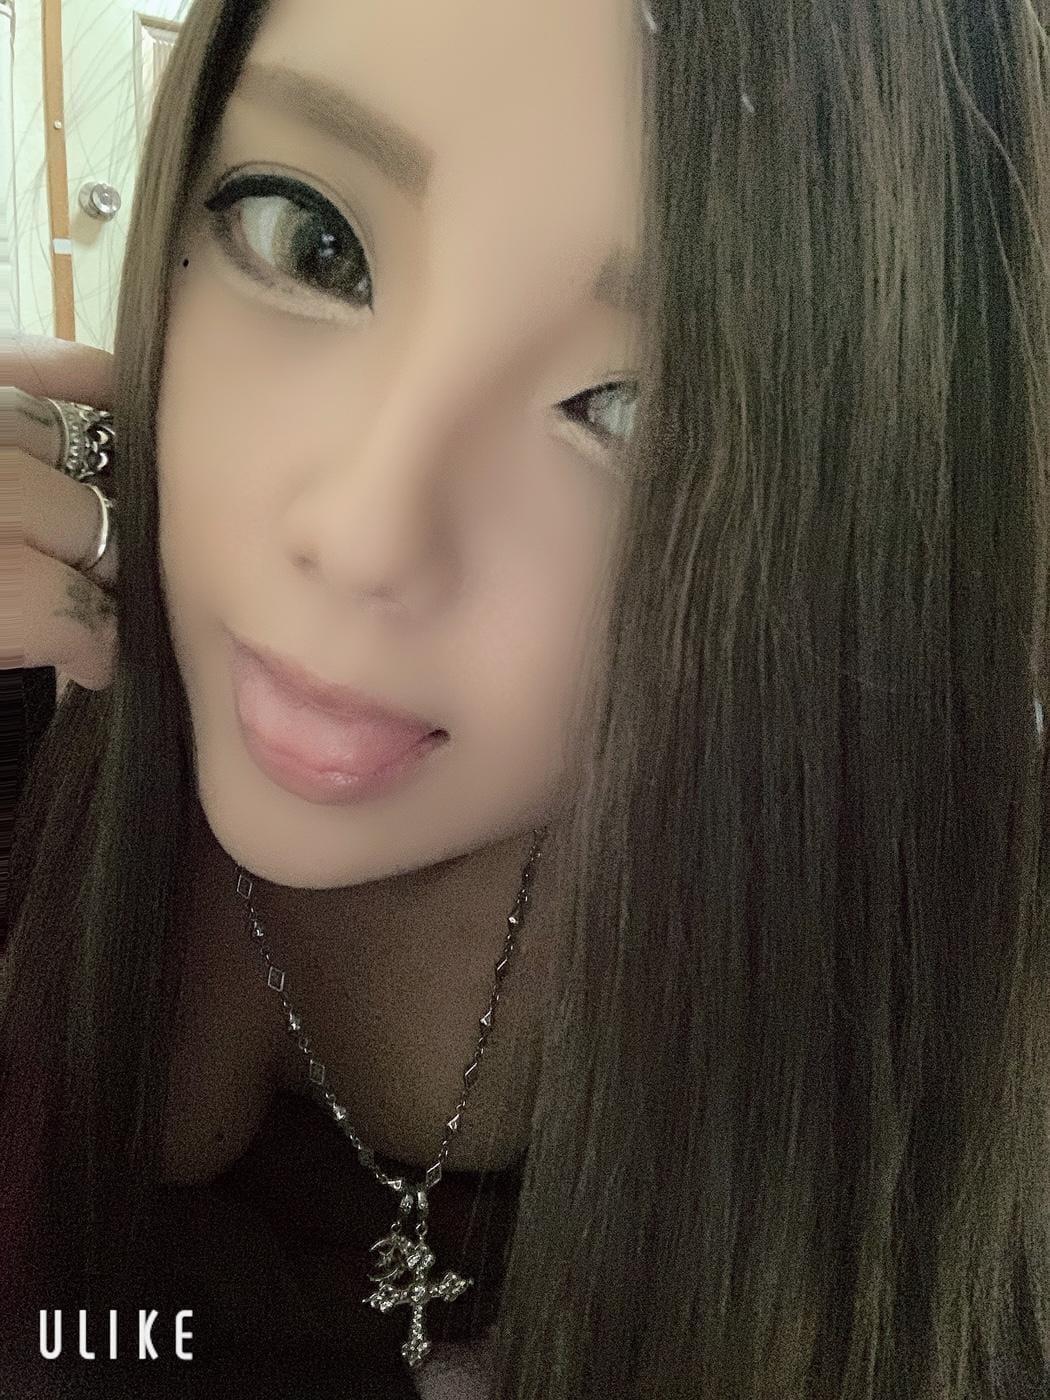 ほむら「ムラムラが・・・」12/09(月) 00:03   ほむらの写メ・風俗動画